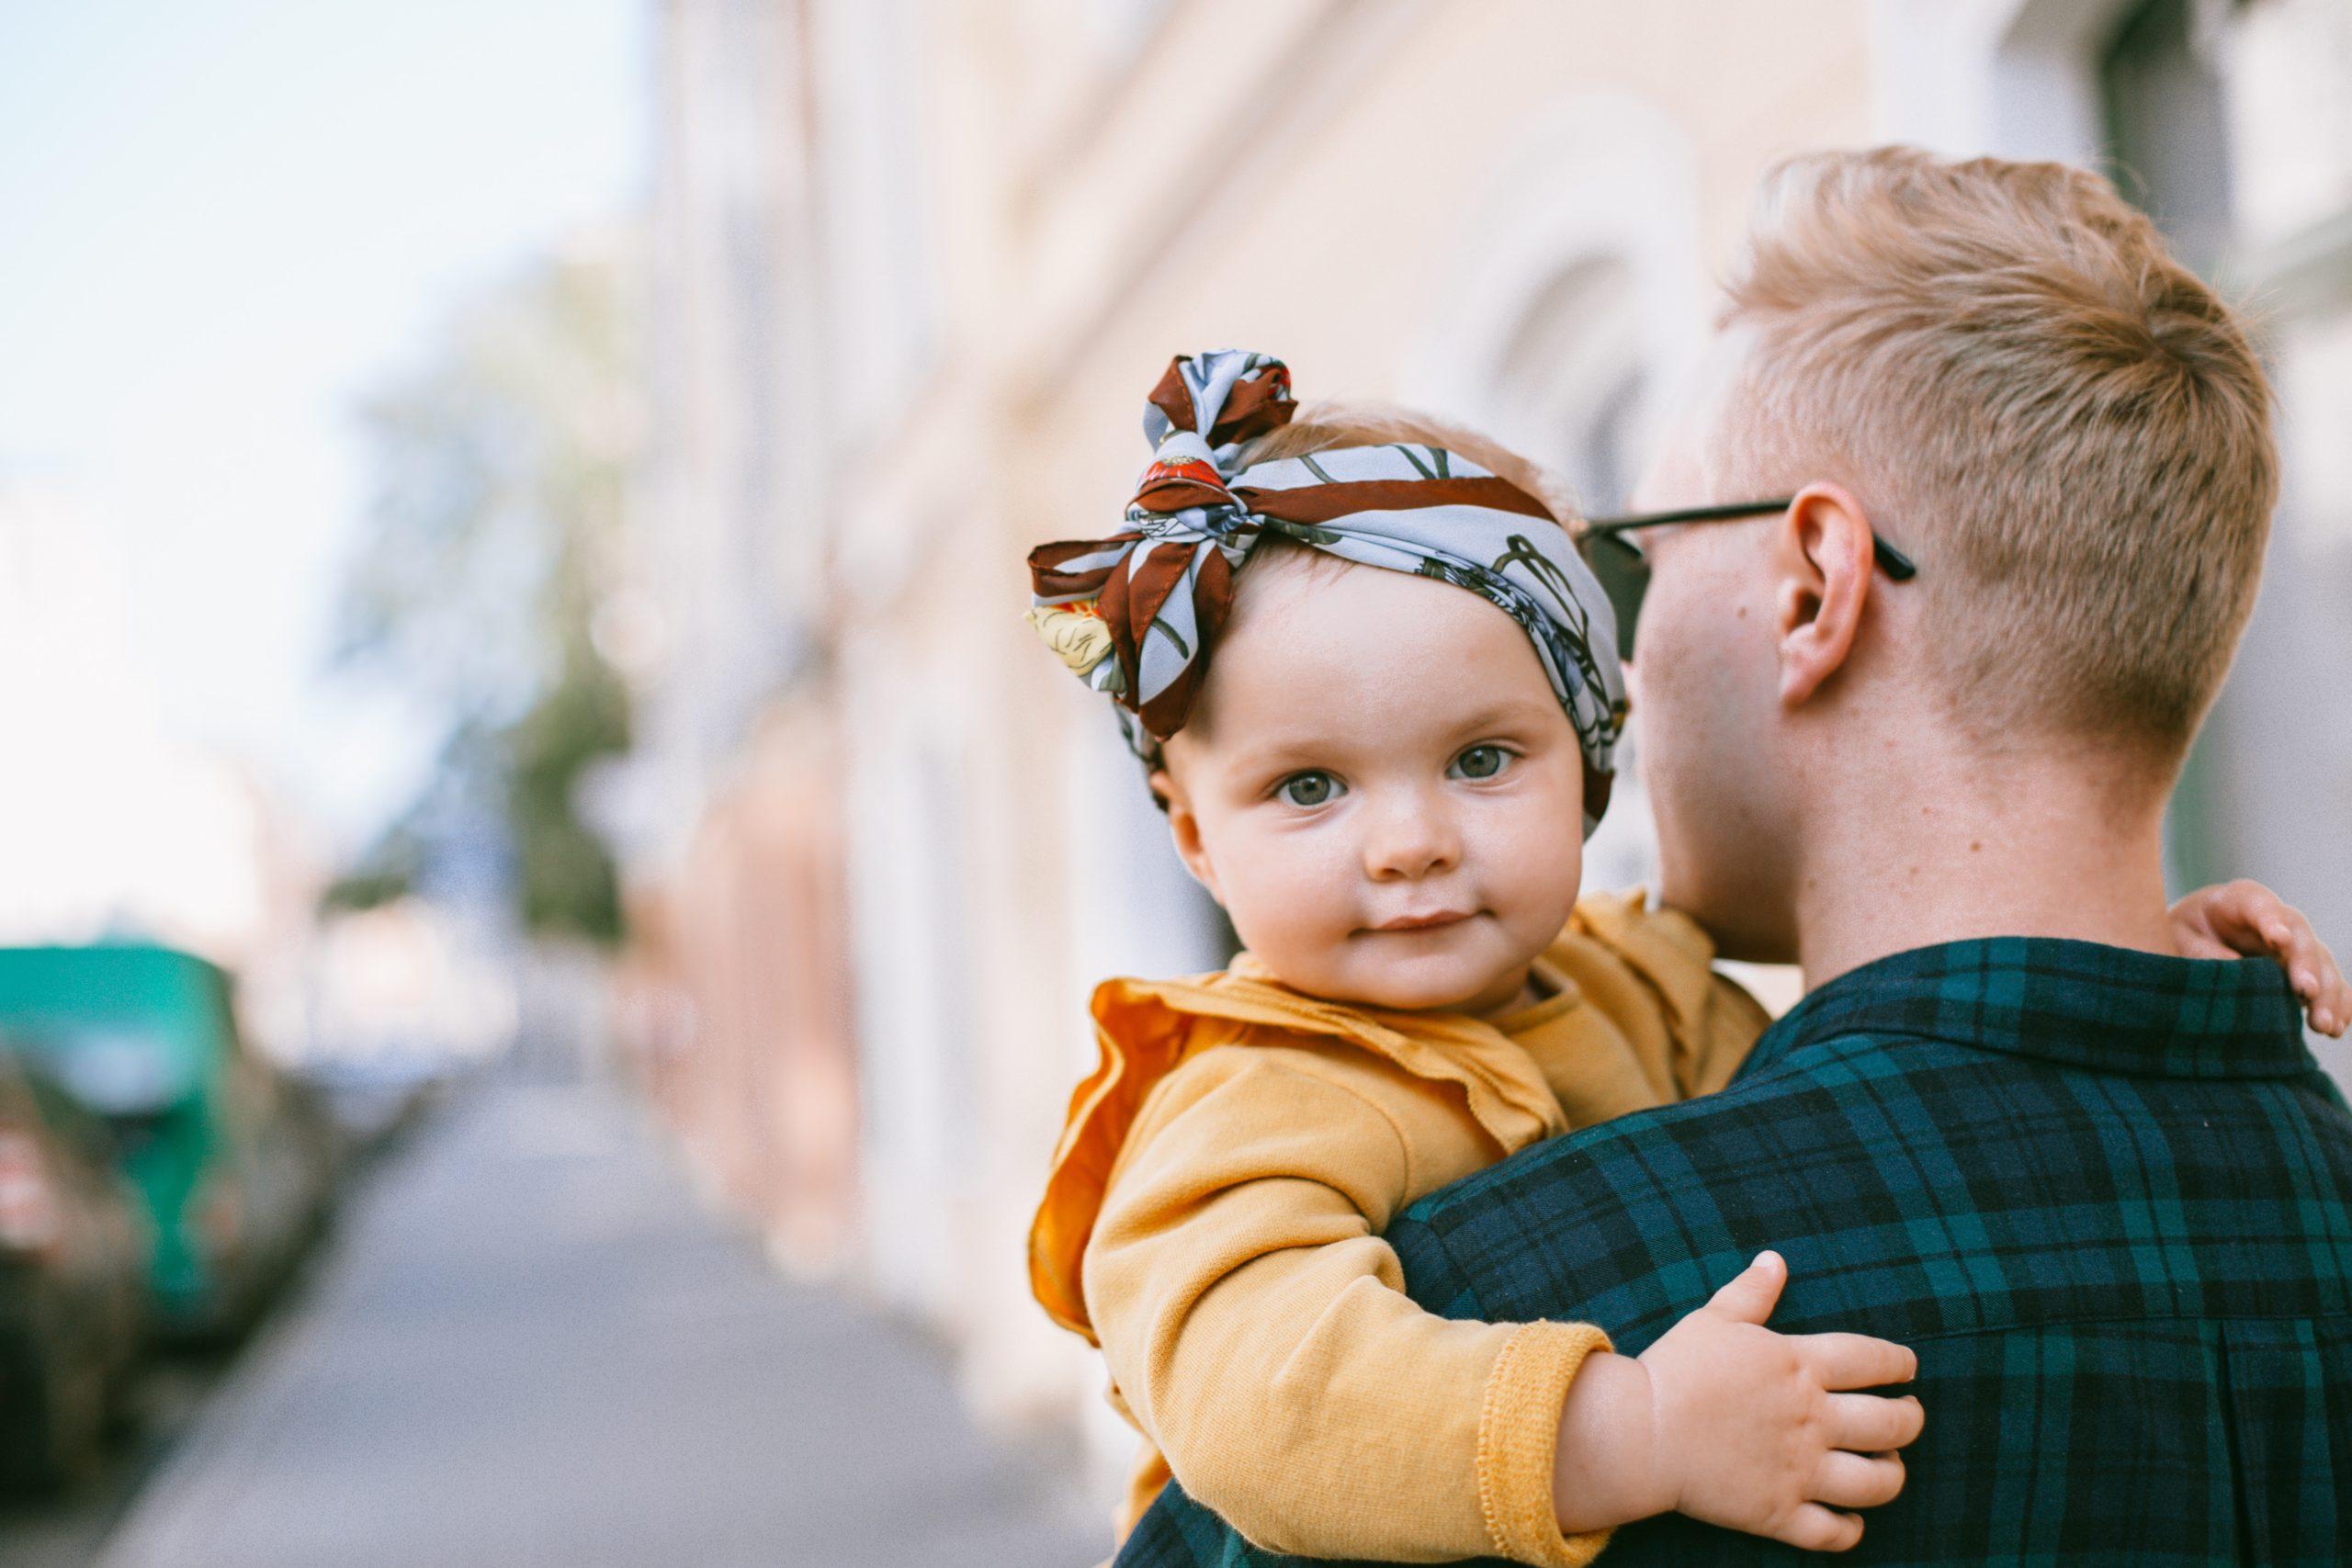 部活や習い事って親の送迎はしなければならない?